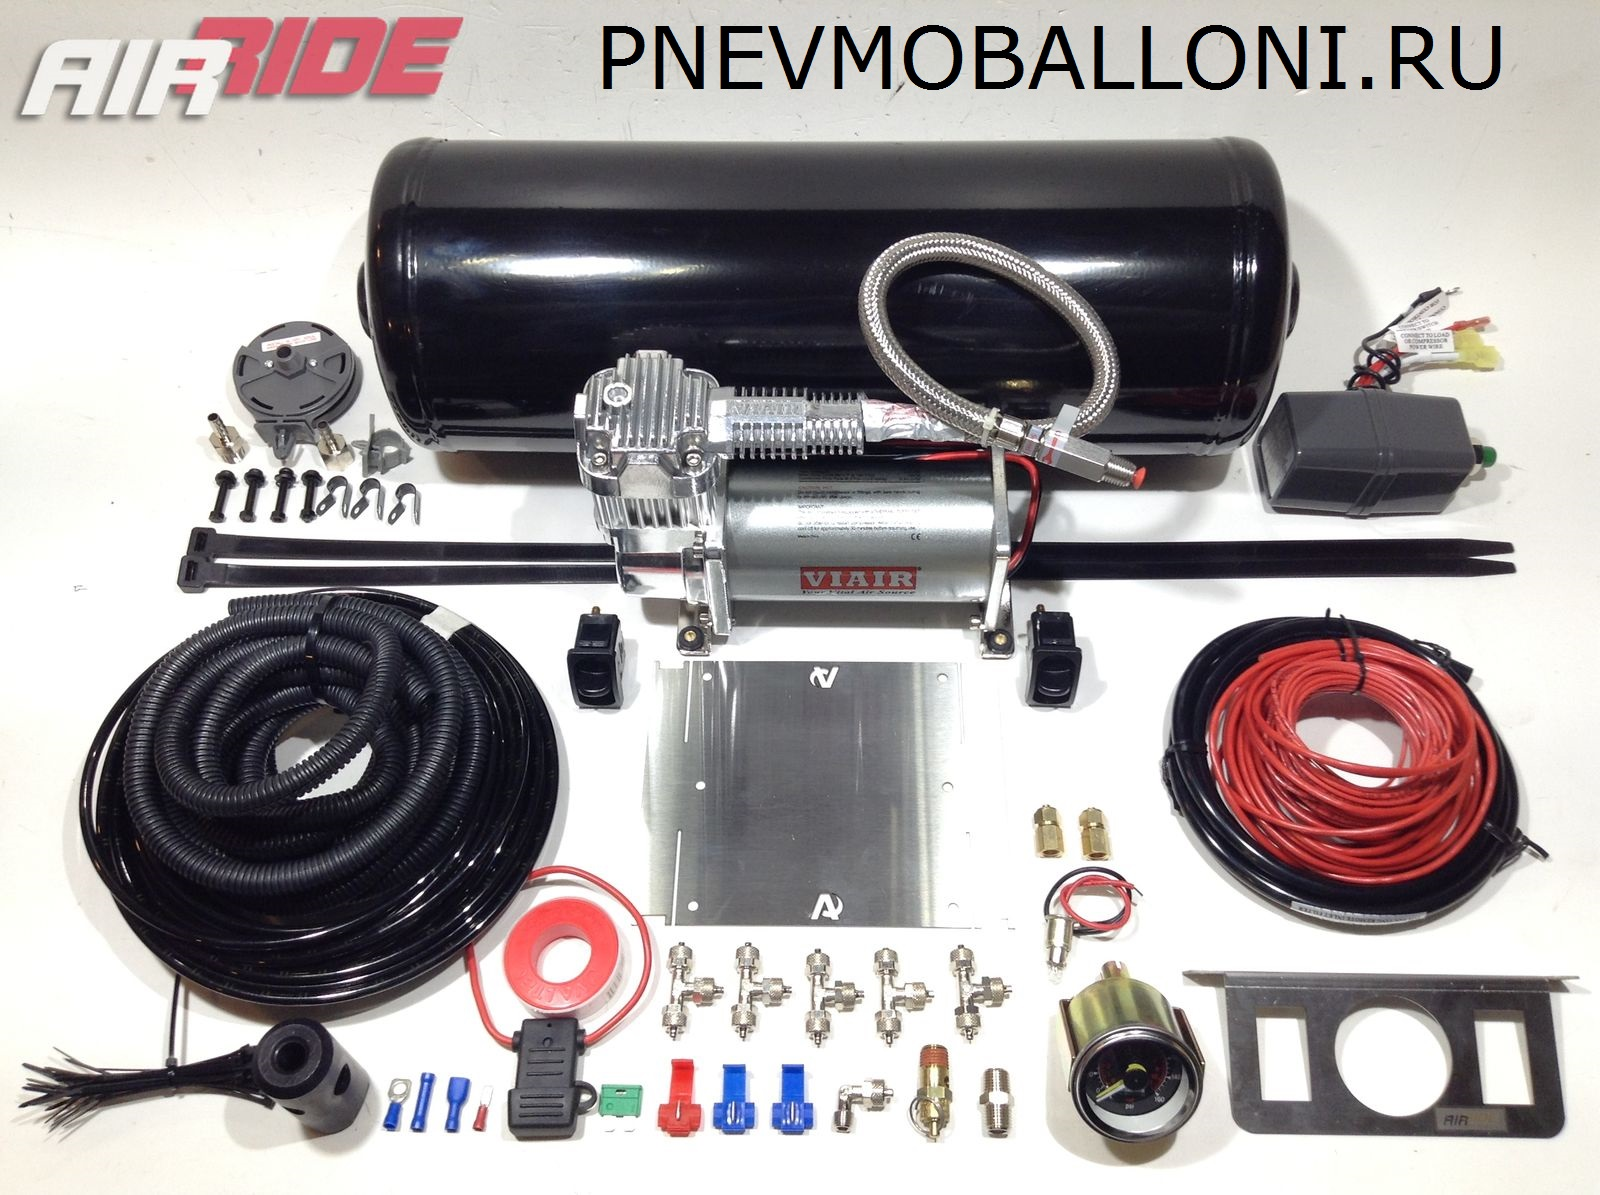 901006-20000-pnevmoballoni.ru3_1_.jpg